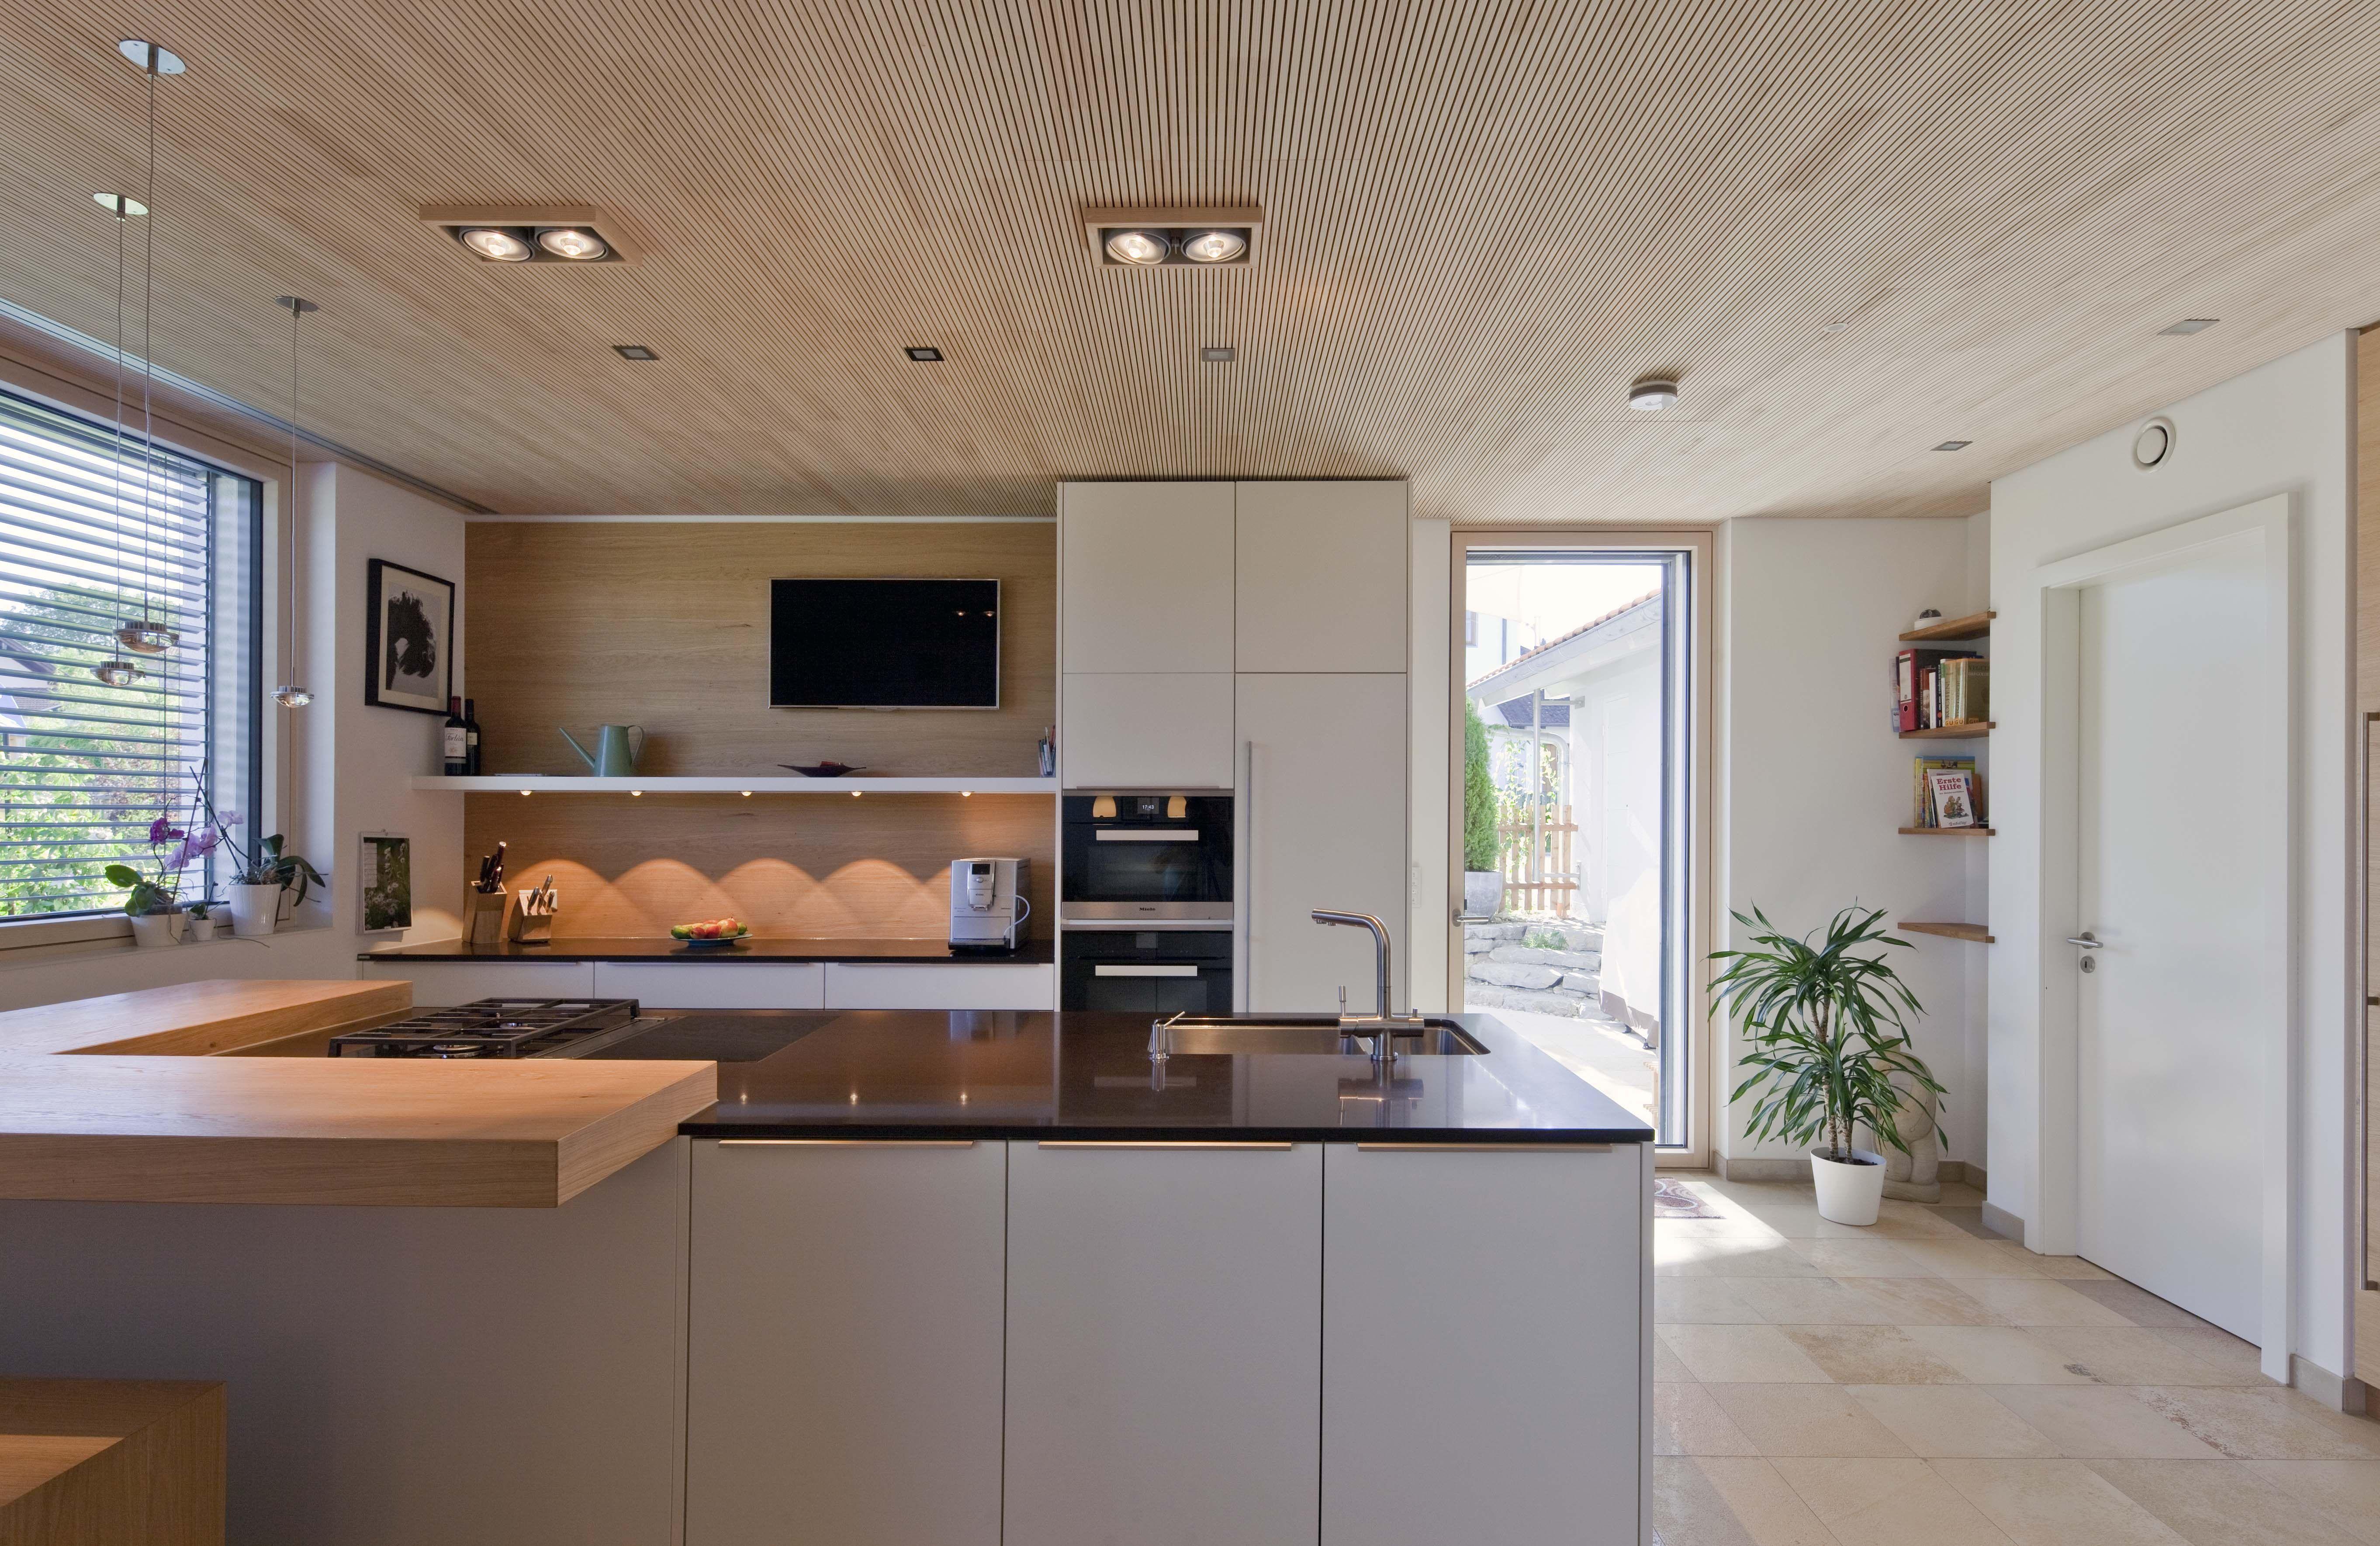 Pin von Lebensraum Holz Moderne Holz auf Einfamilienhaus